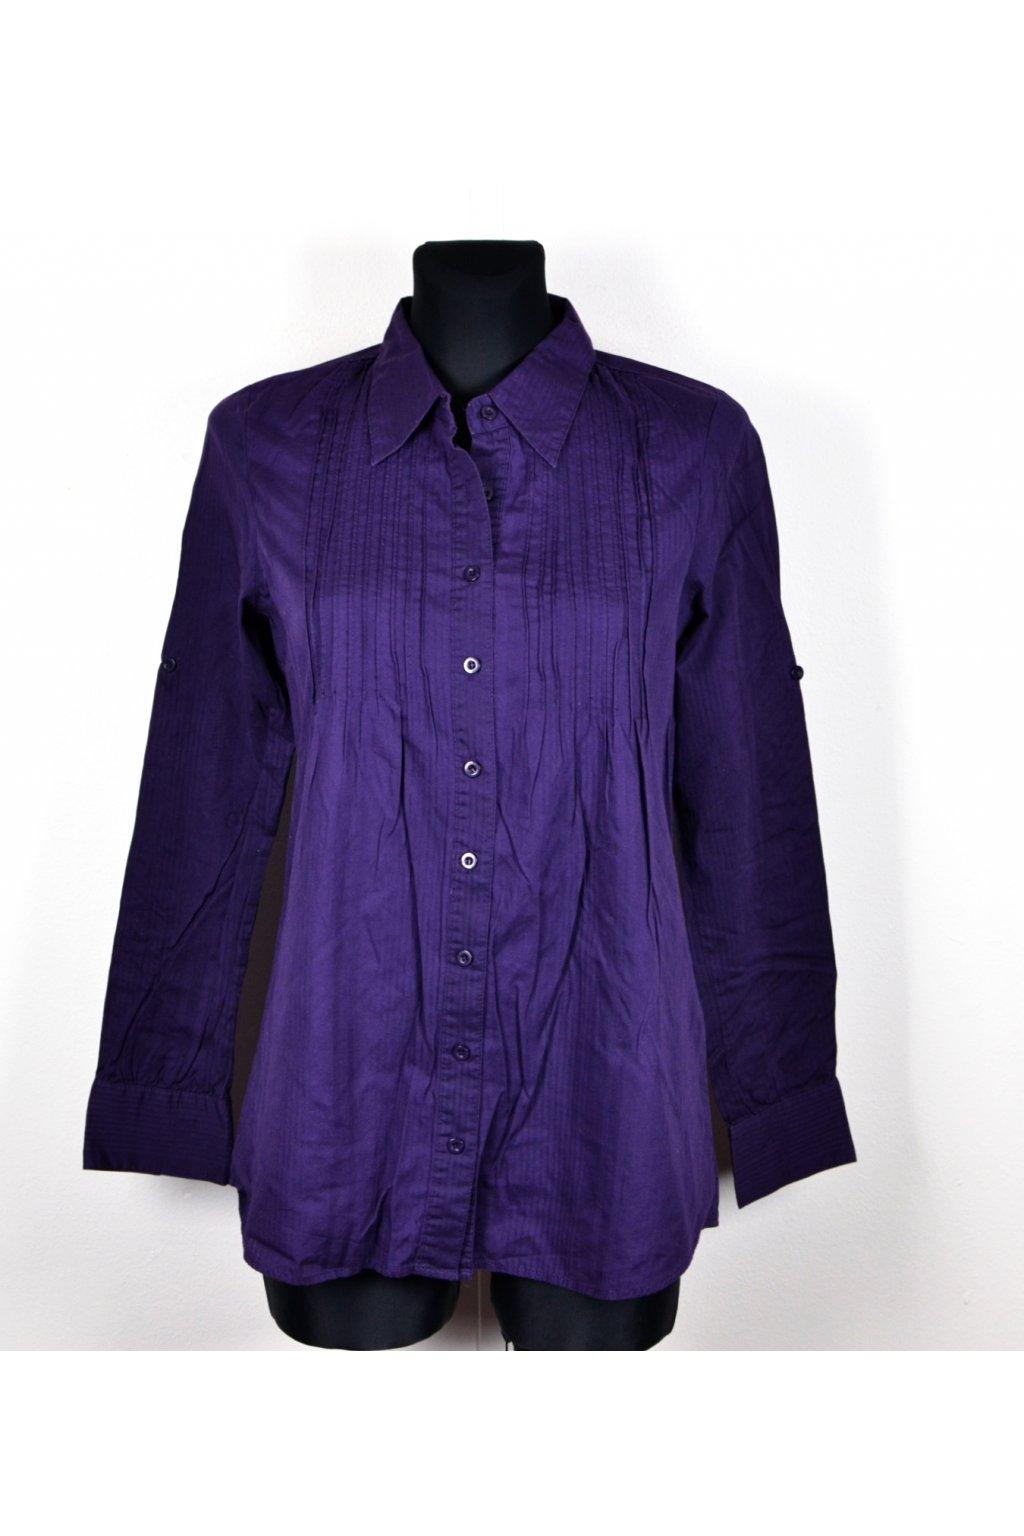 Košile Amisu fialová vel. M